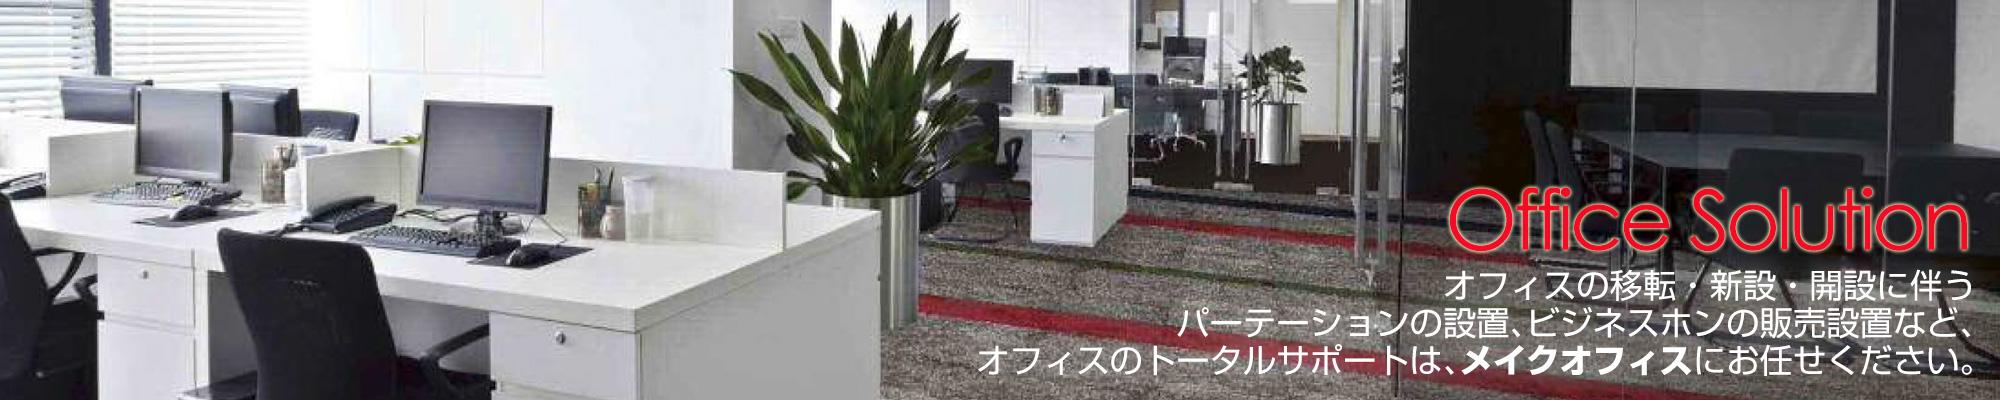 リンク | 株式会社メイクオフィス|パーテーション・ビジネスホン・オフィス移転 神奈川県横浜市